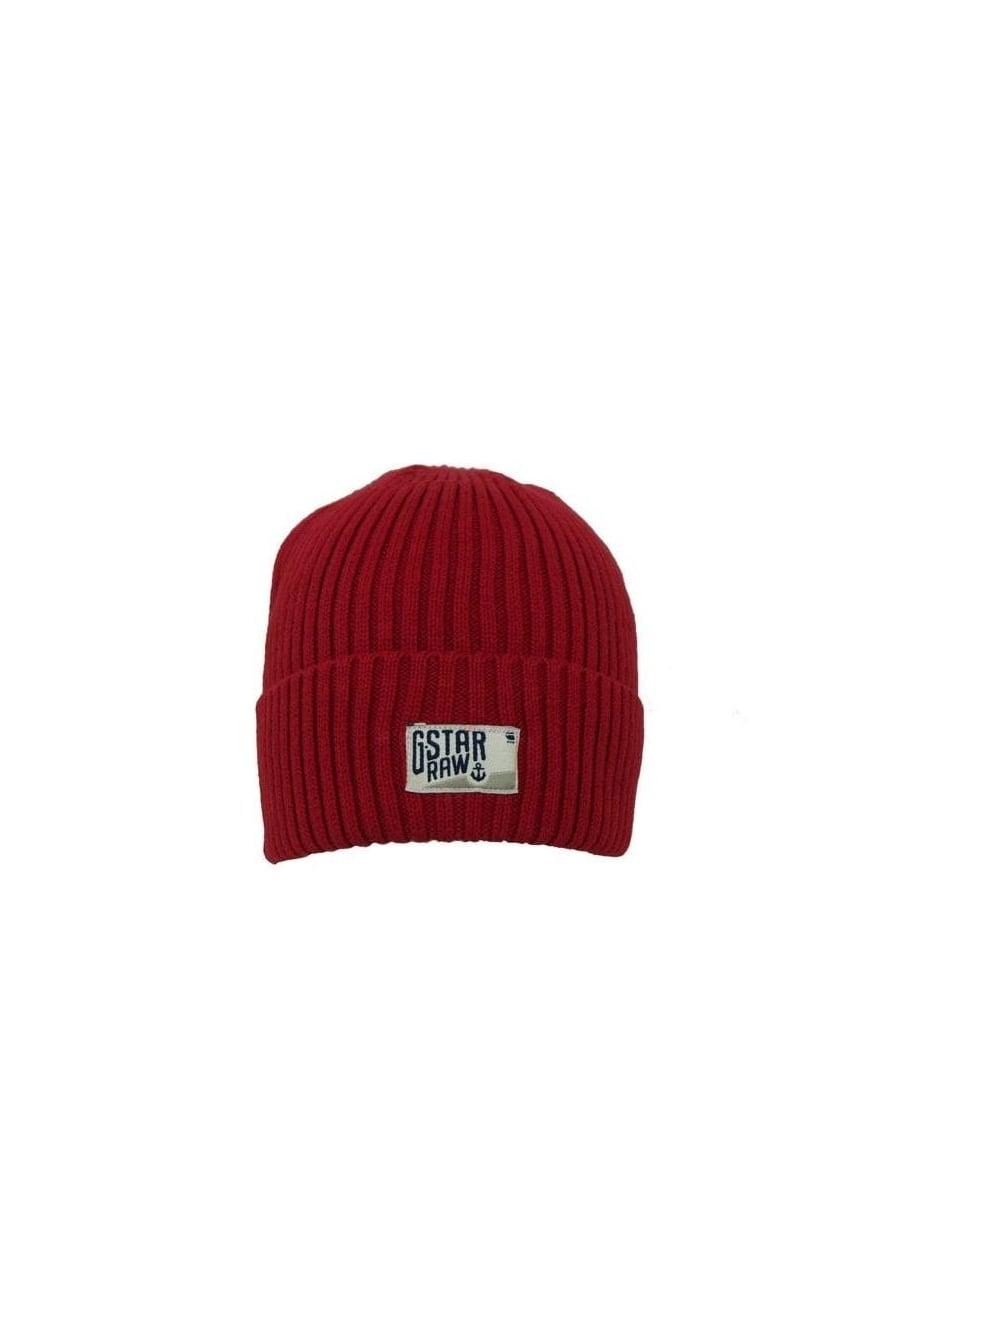 967d03766df987 G-Star Jordan Beanie Hat in Red - Northern Threads